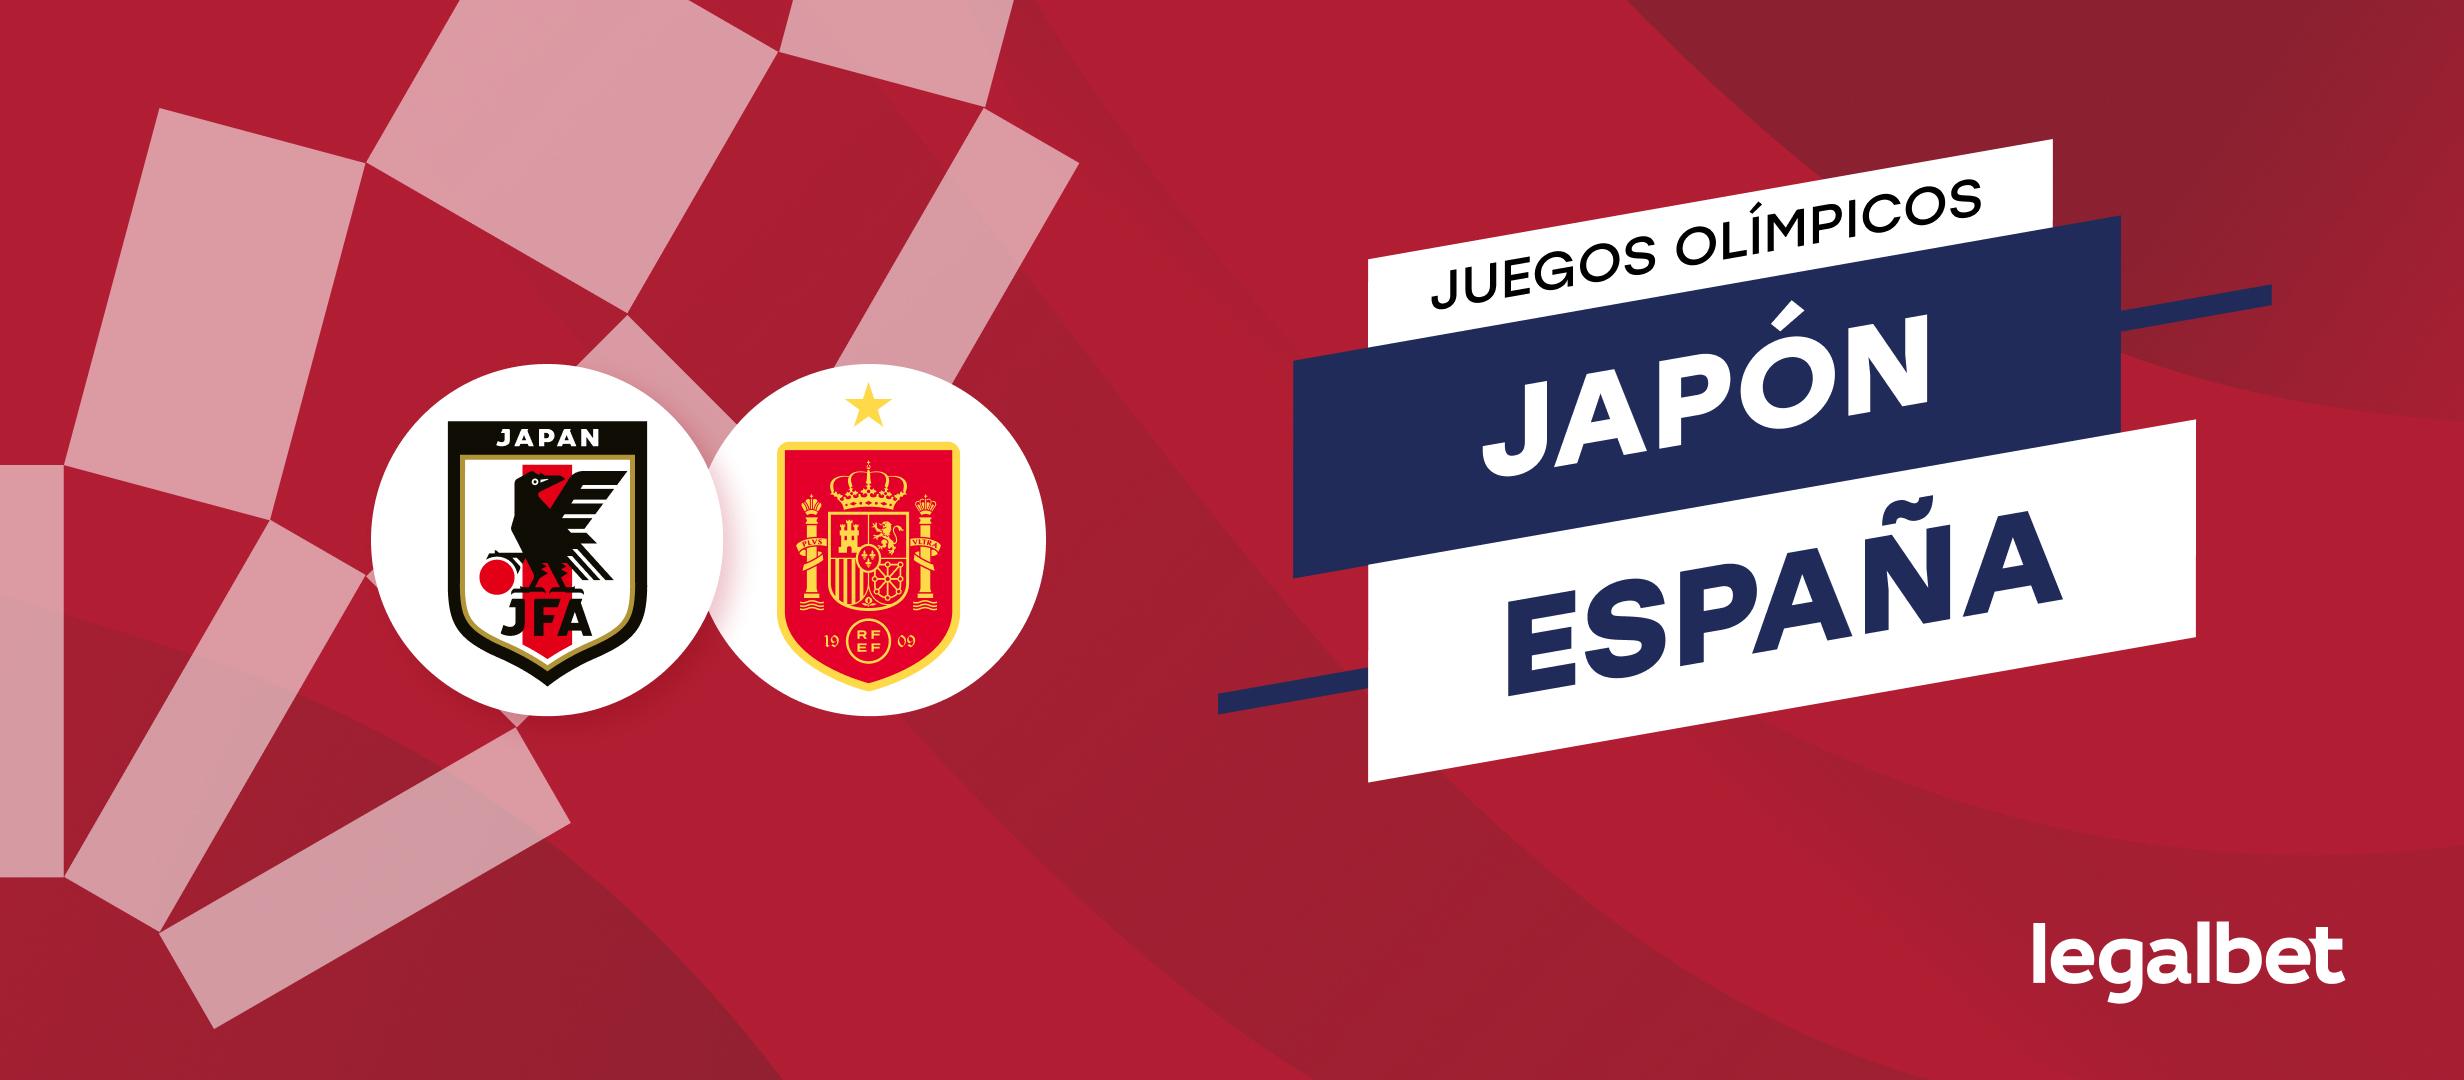 Apuestas y cuotas Japón - España, Juegos Olímpicos 2020 (2021)